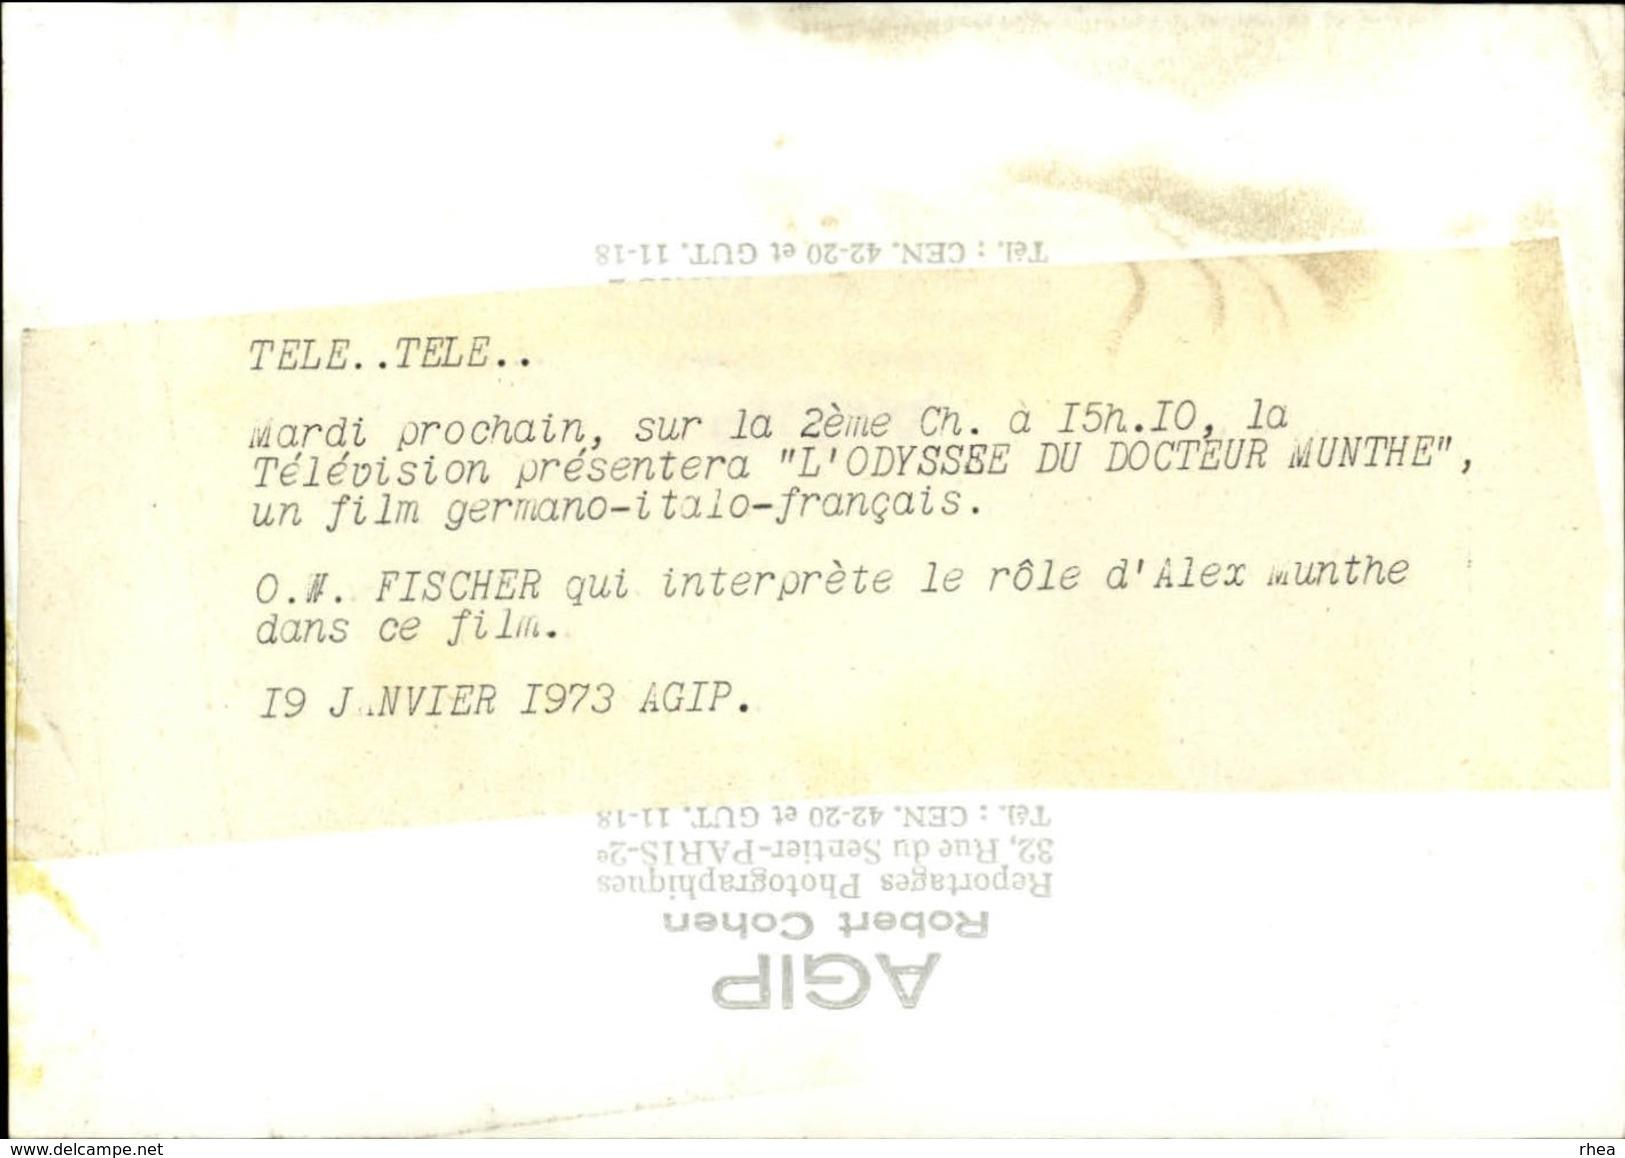 PHOTO - Photo De Presse - Acteurs - O.W FISCHER - 1973 - Célébrités